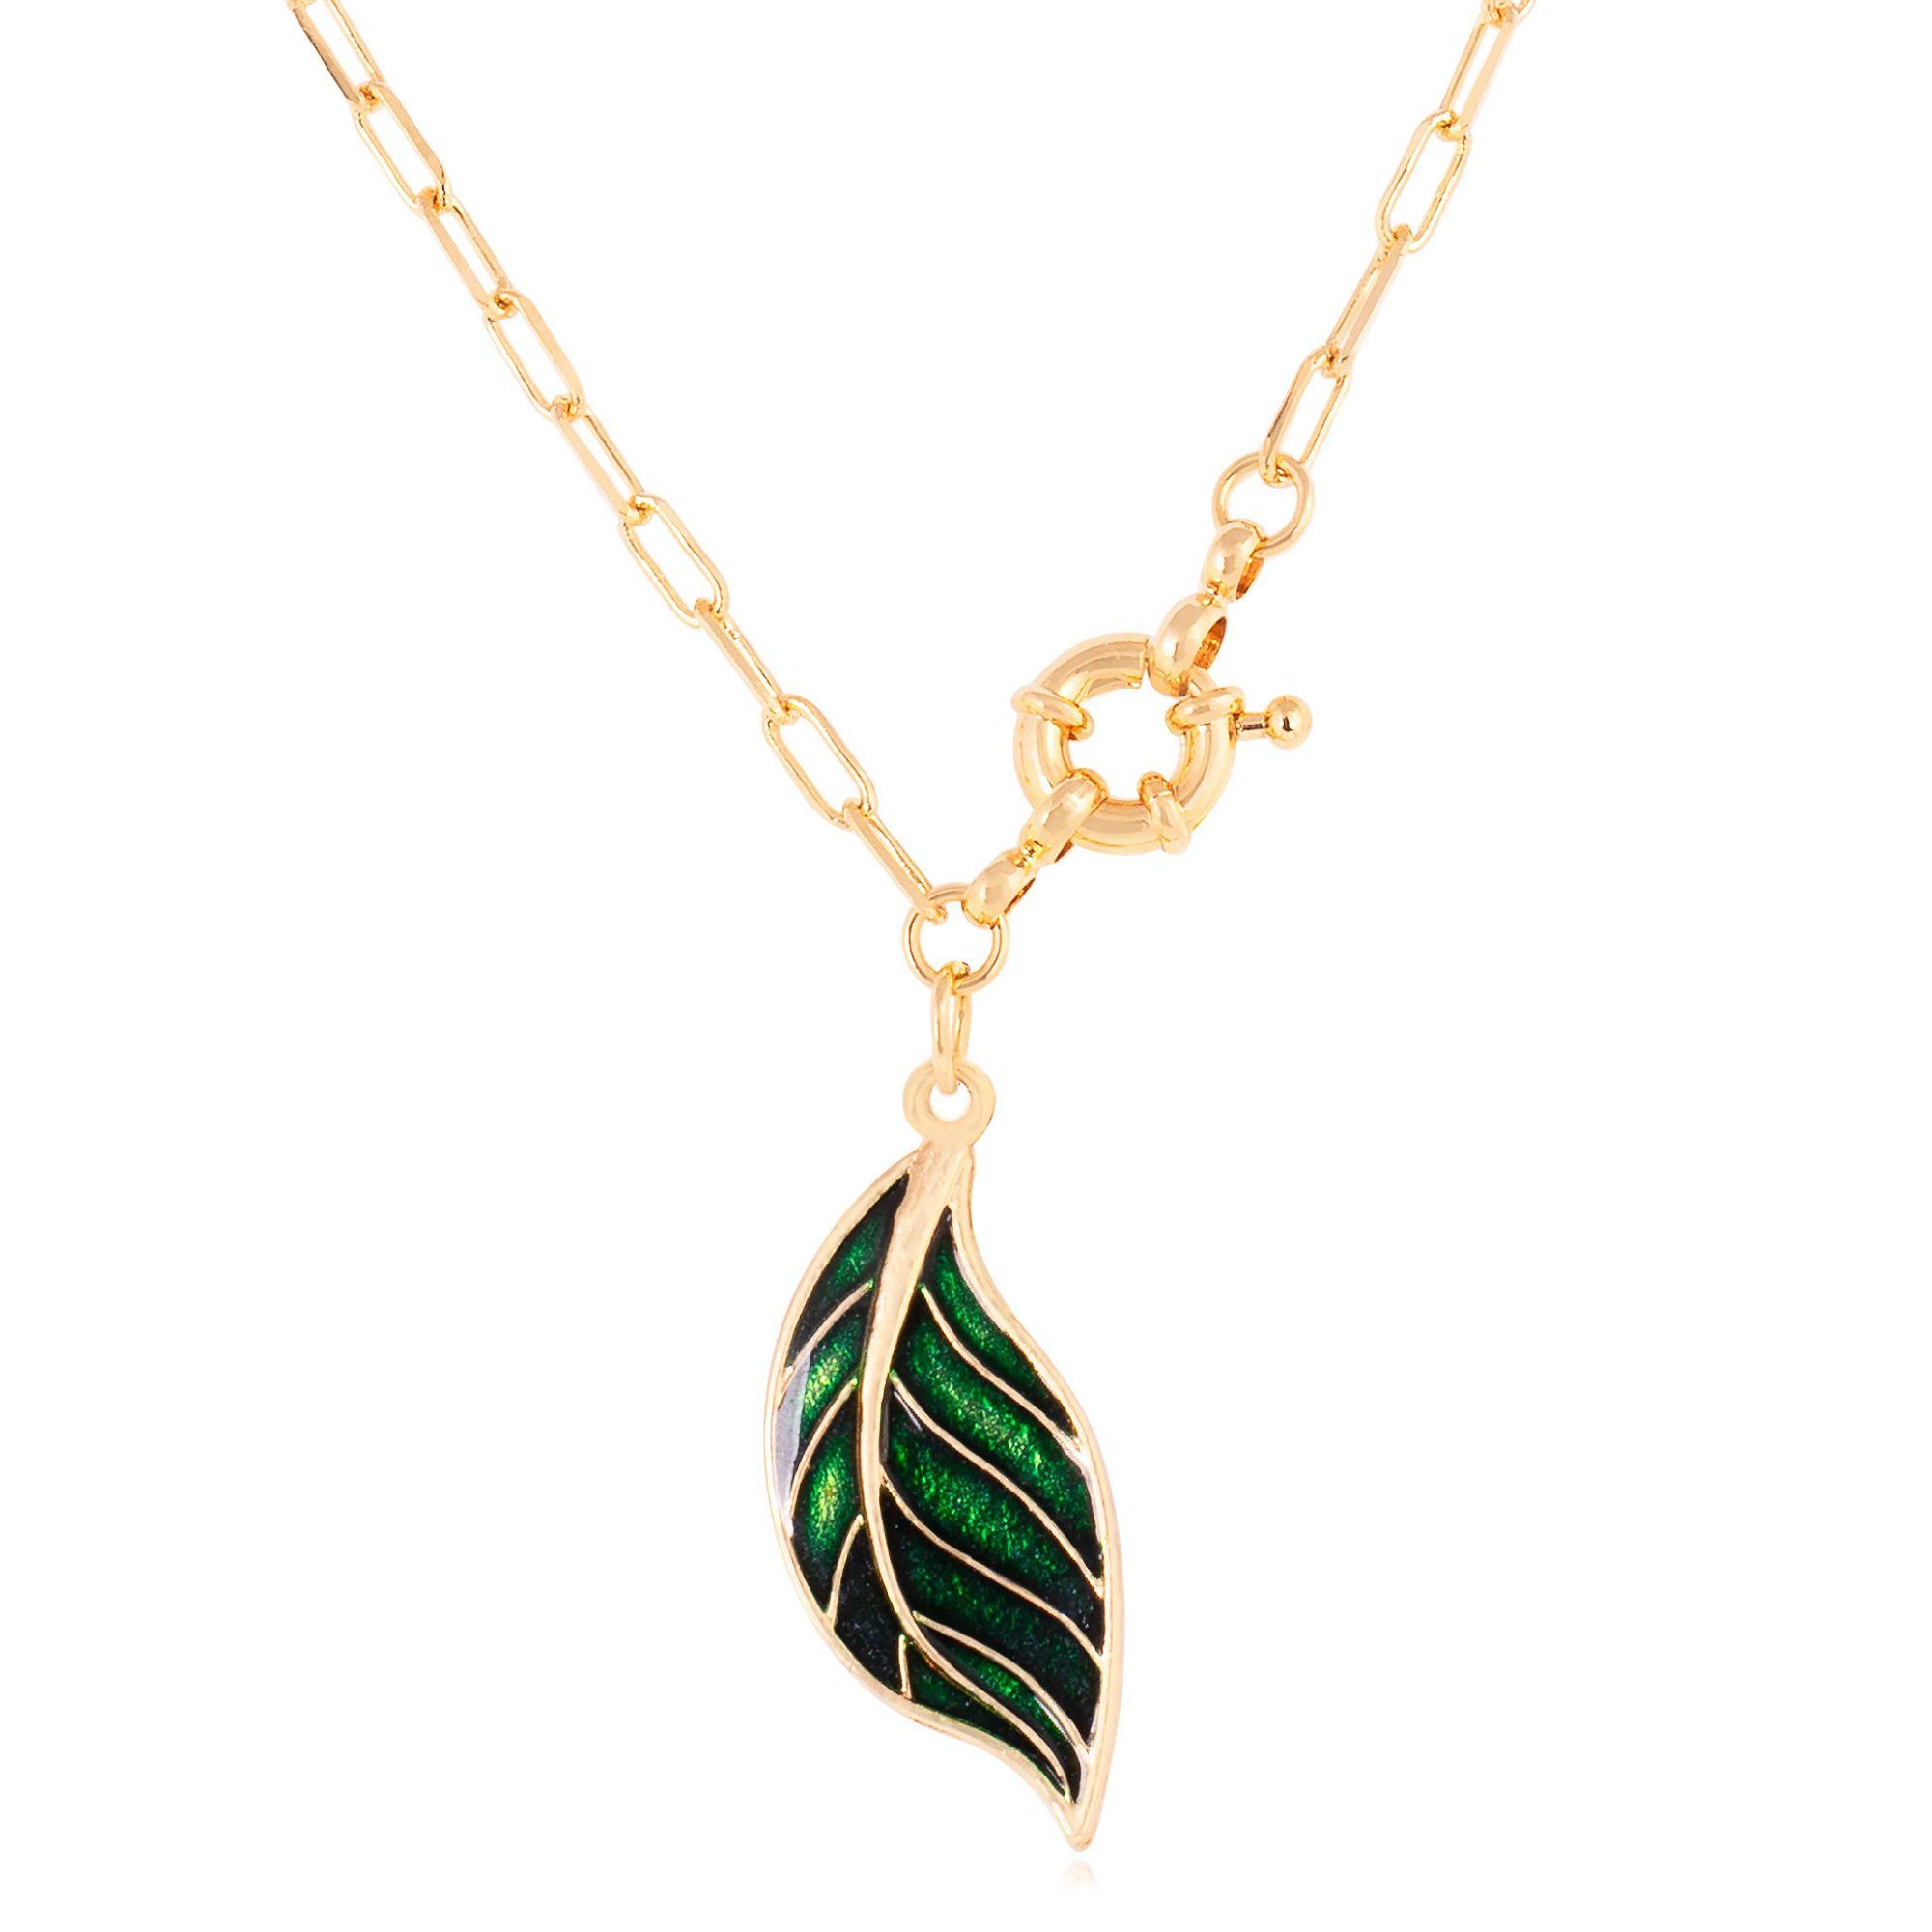 Colar de folha banhado a ouro 18k resinado em verde.  - romabrazil.com.br